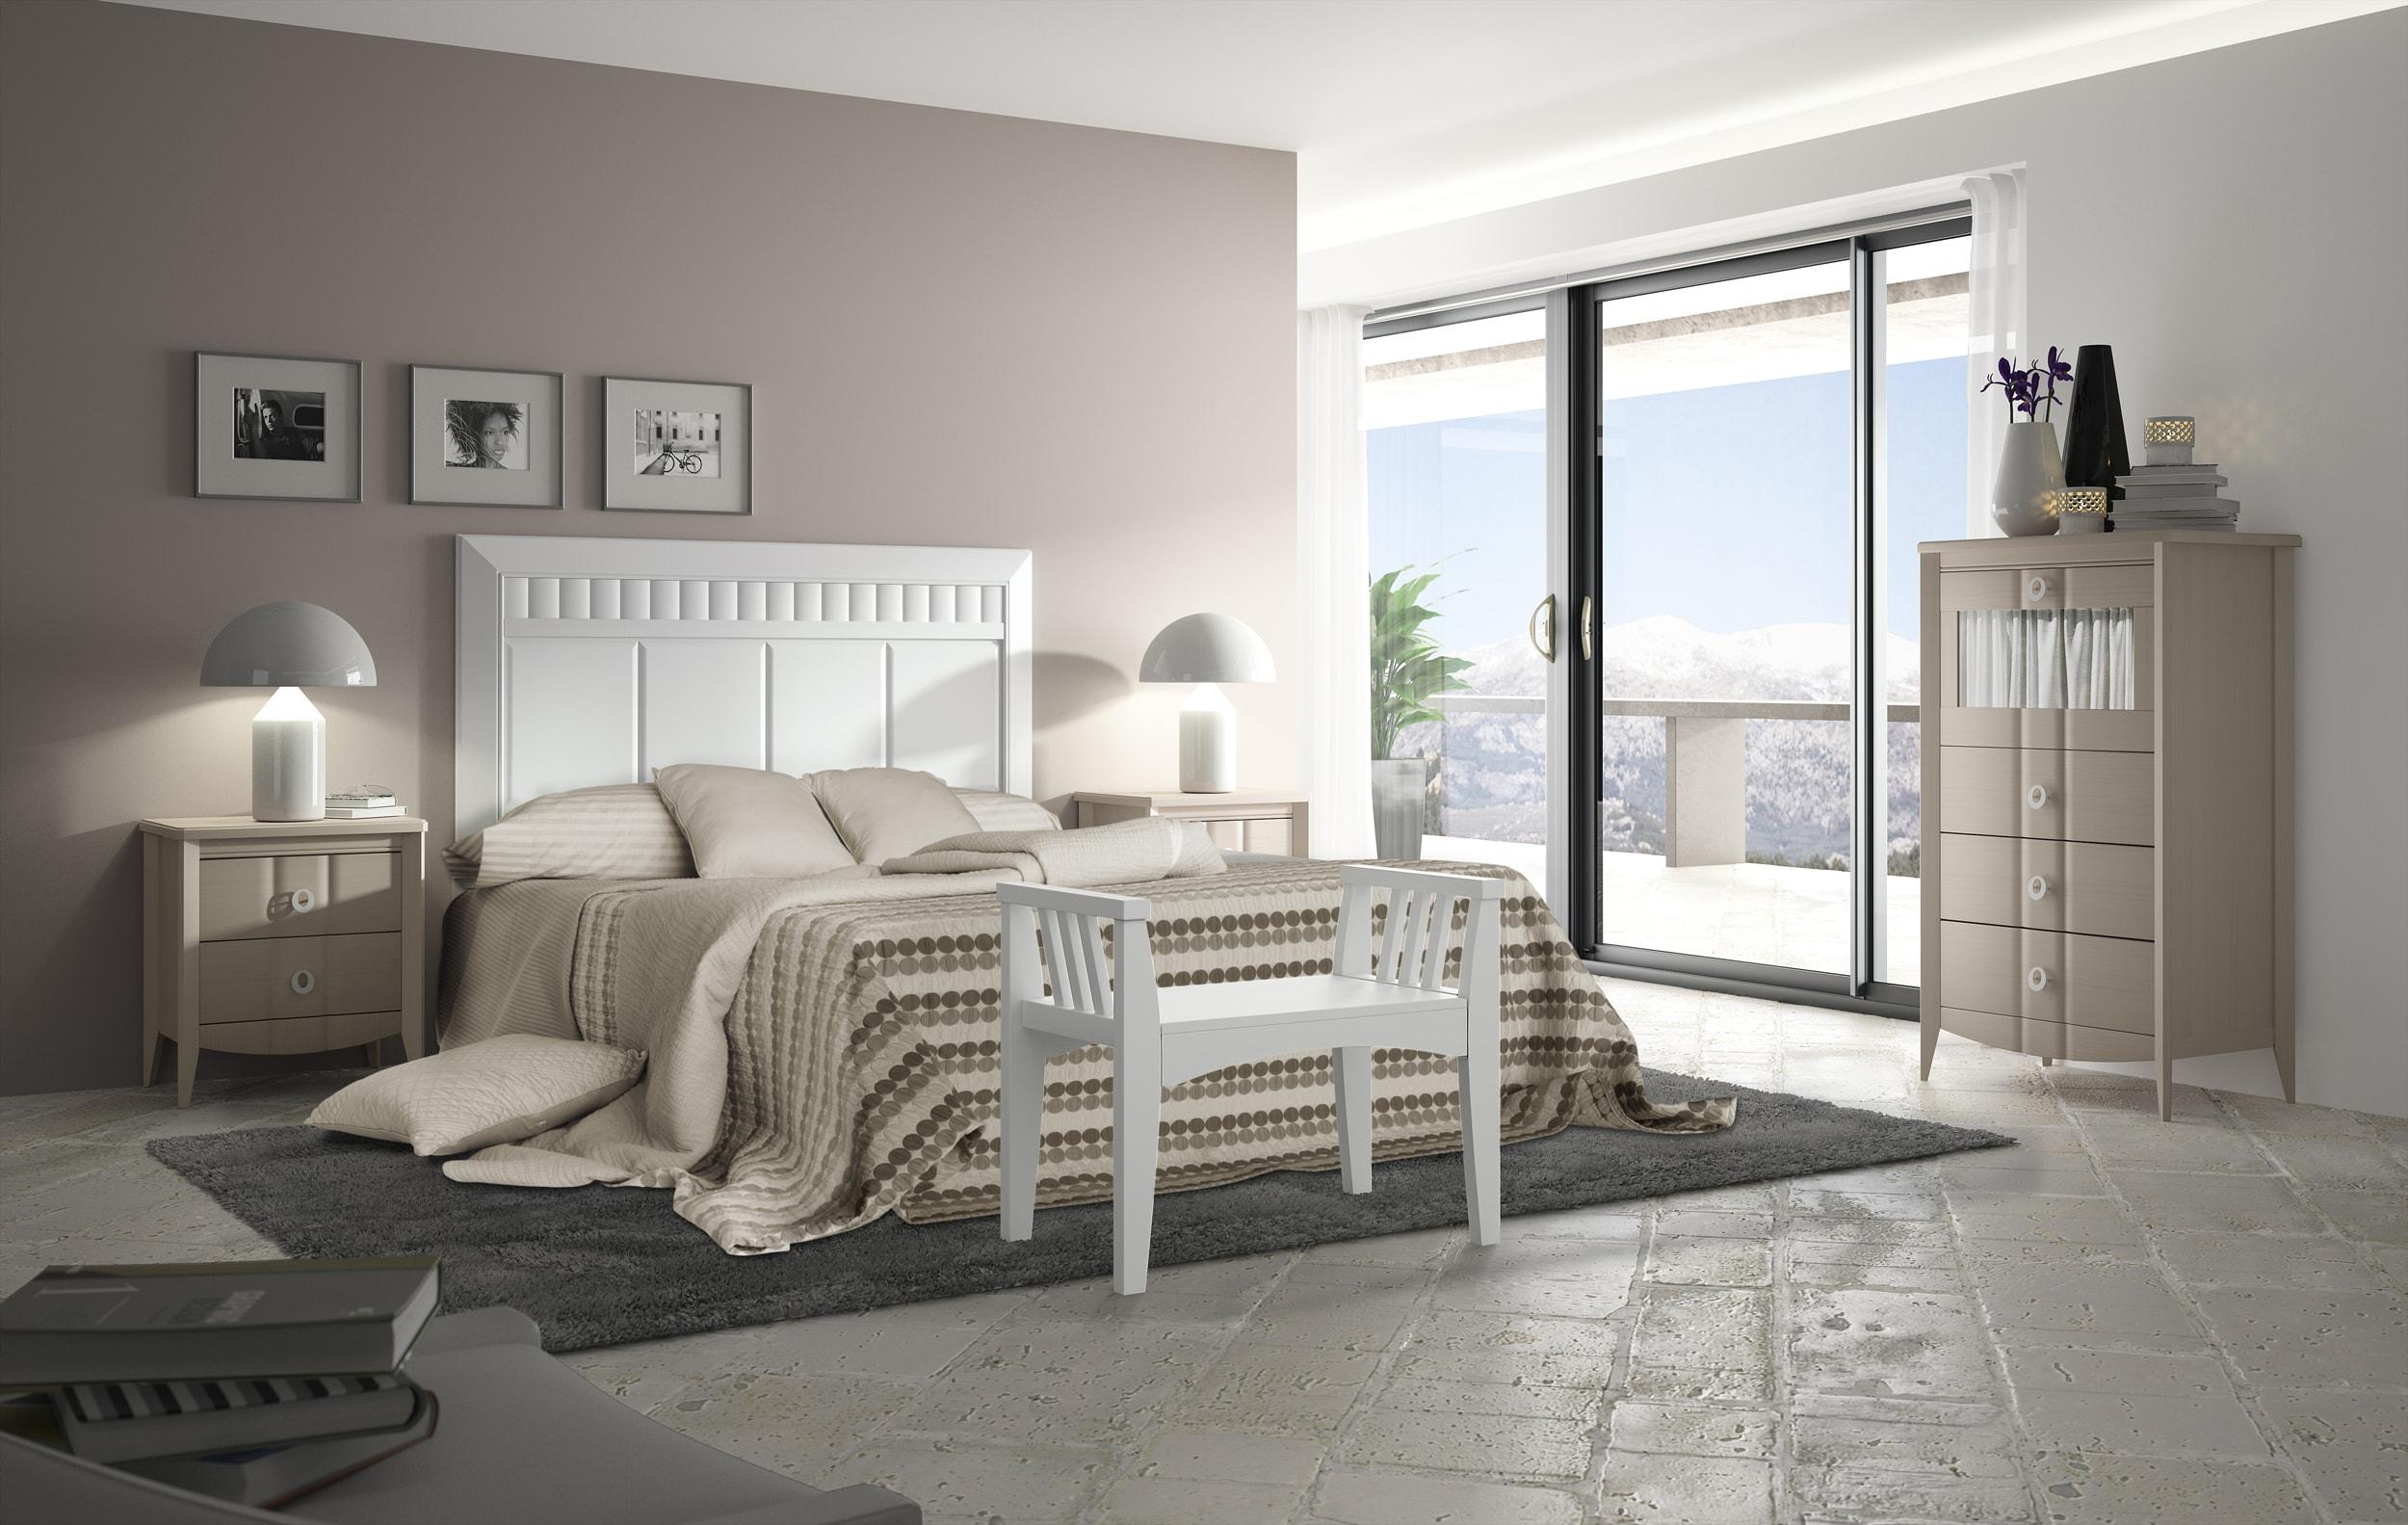 Dormitorio matrimonio con una combinación de colores suaves que crean ambientes relajados.